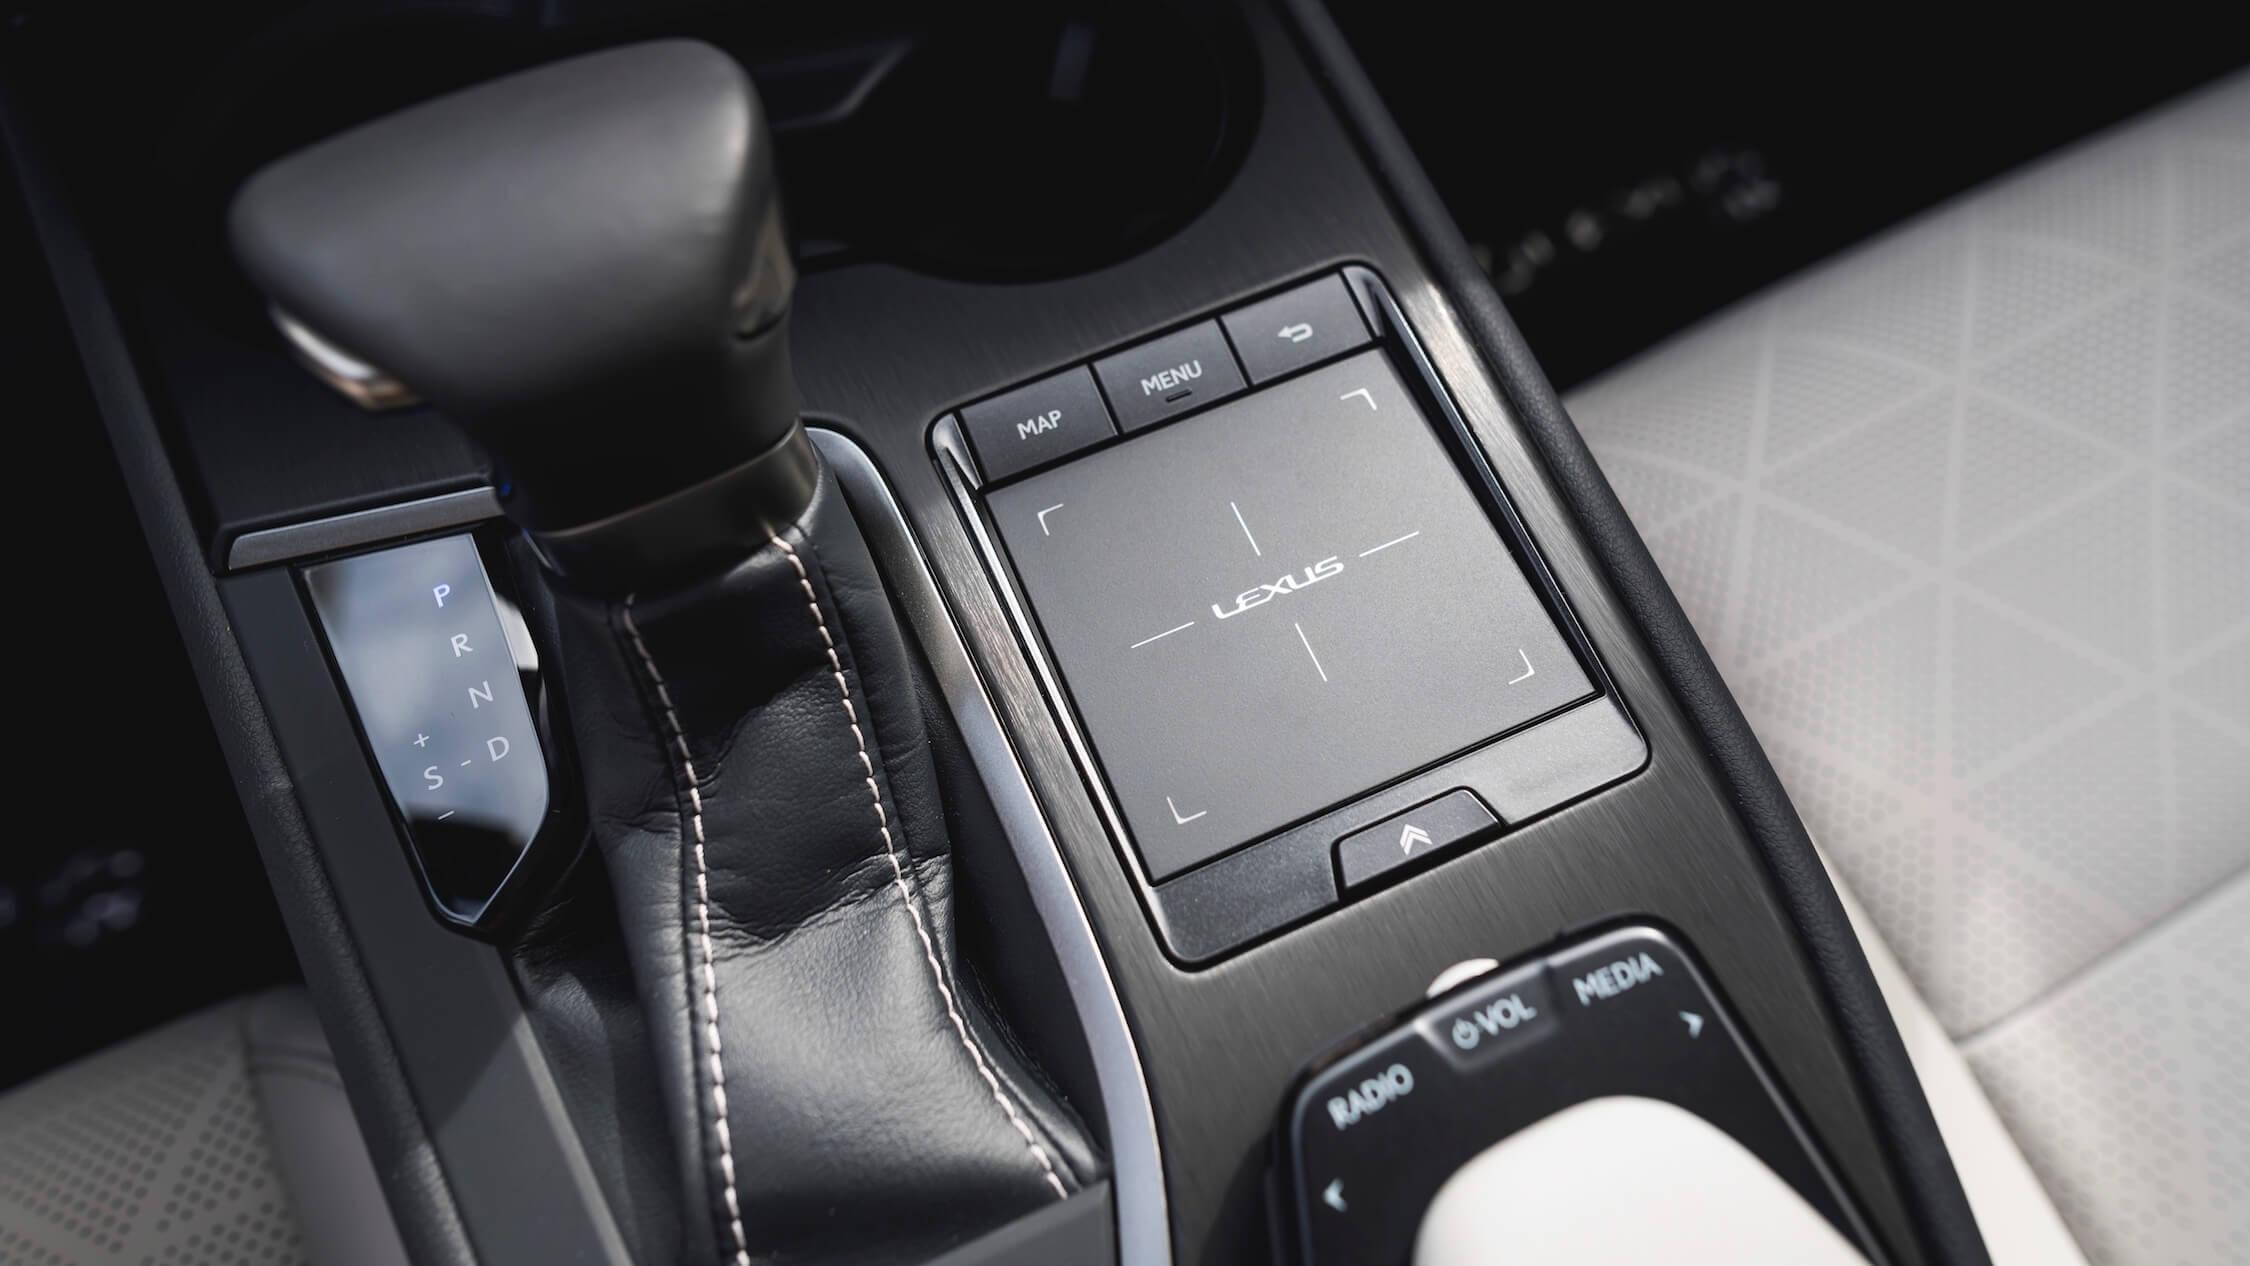 Lexus UX 250h infotainment controls